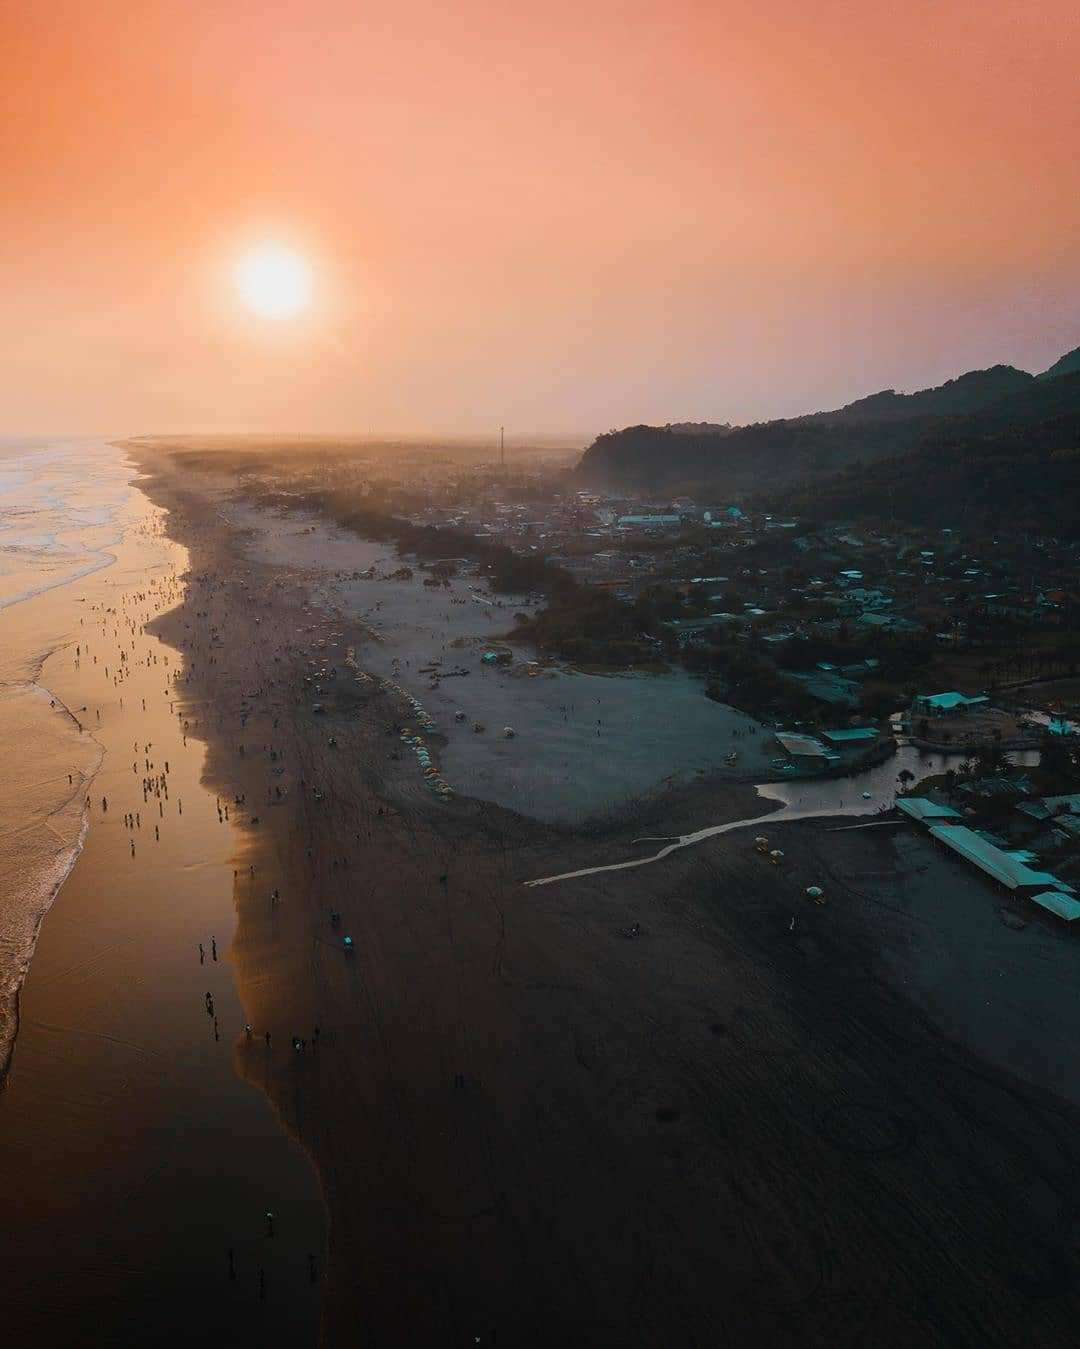 Sunset di Pantai parangtritis, Image From @caionugroz